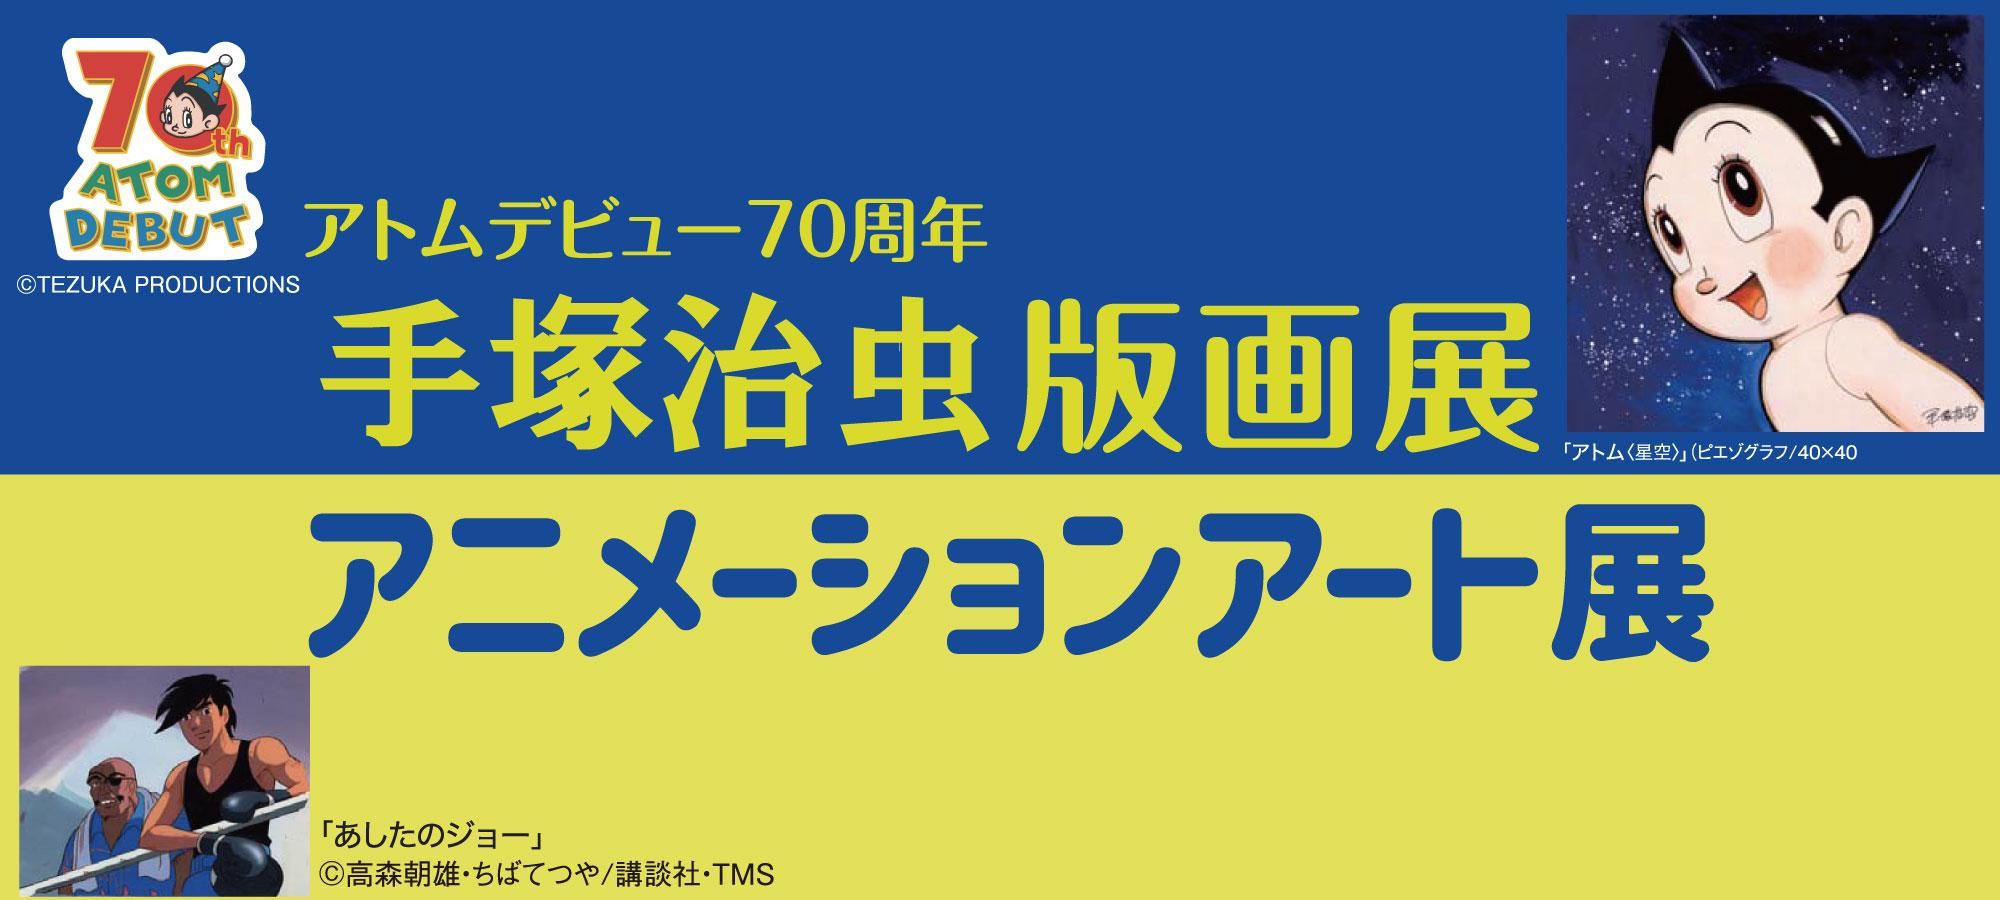 手塚治虫版画展